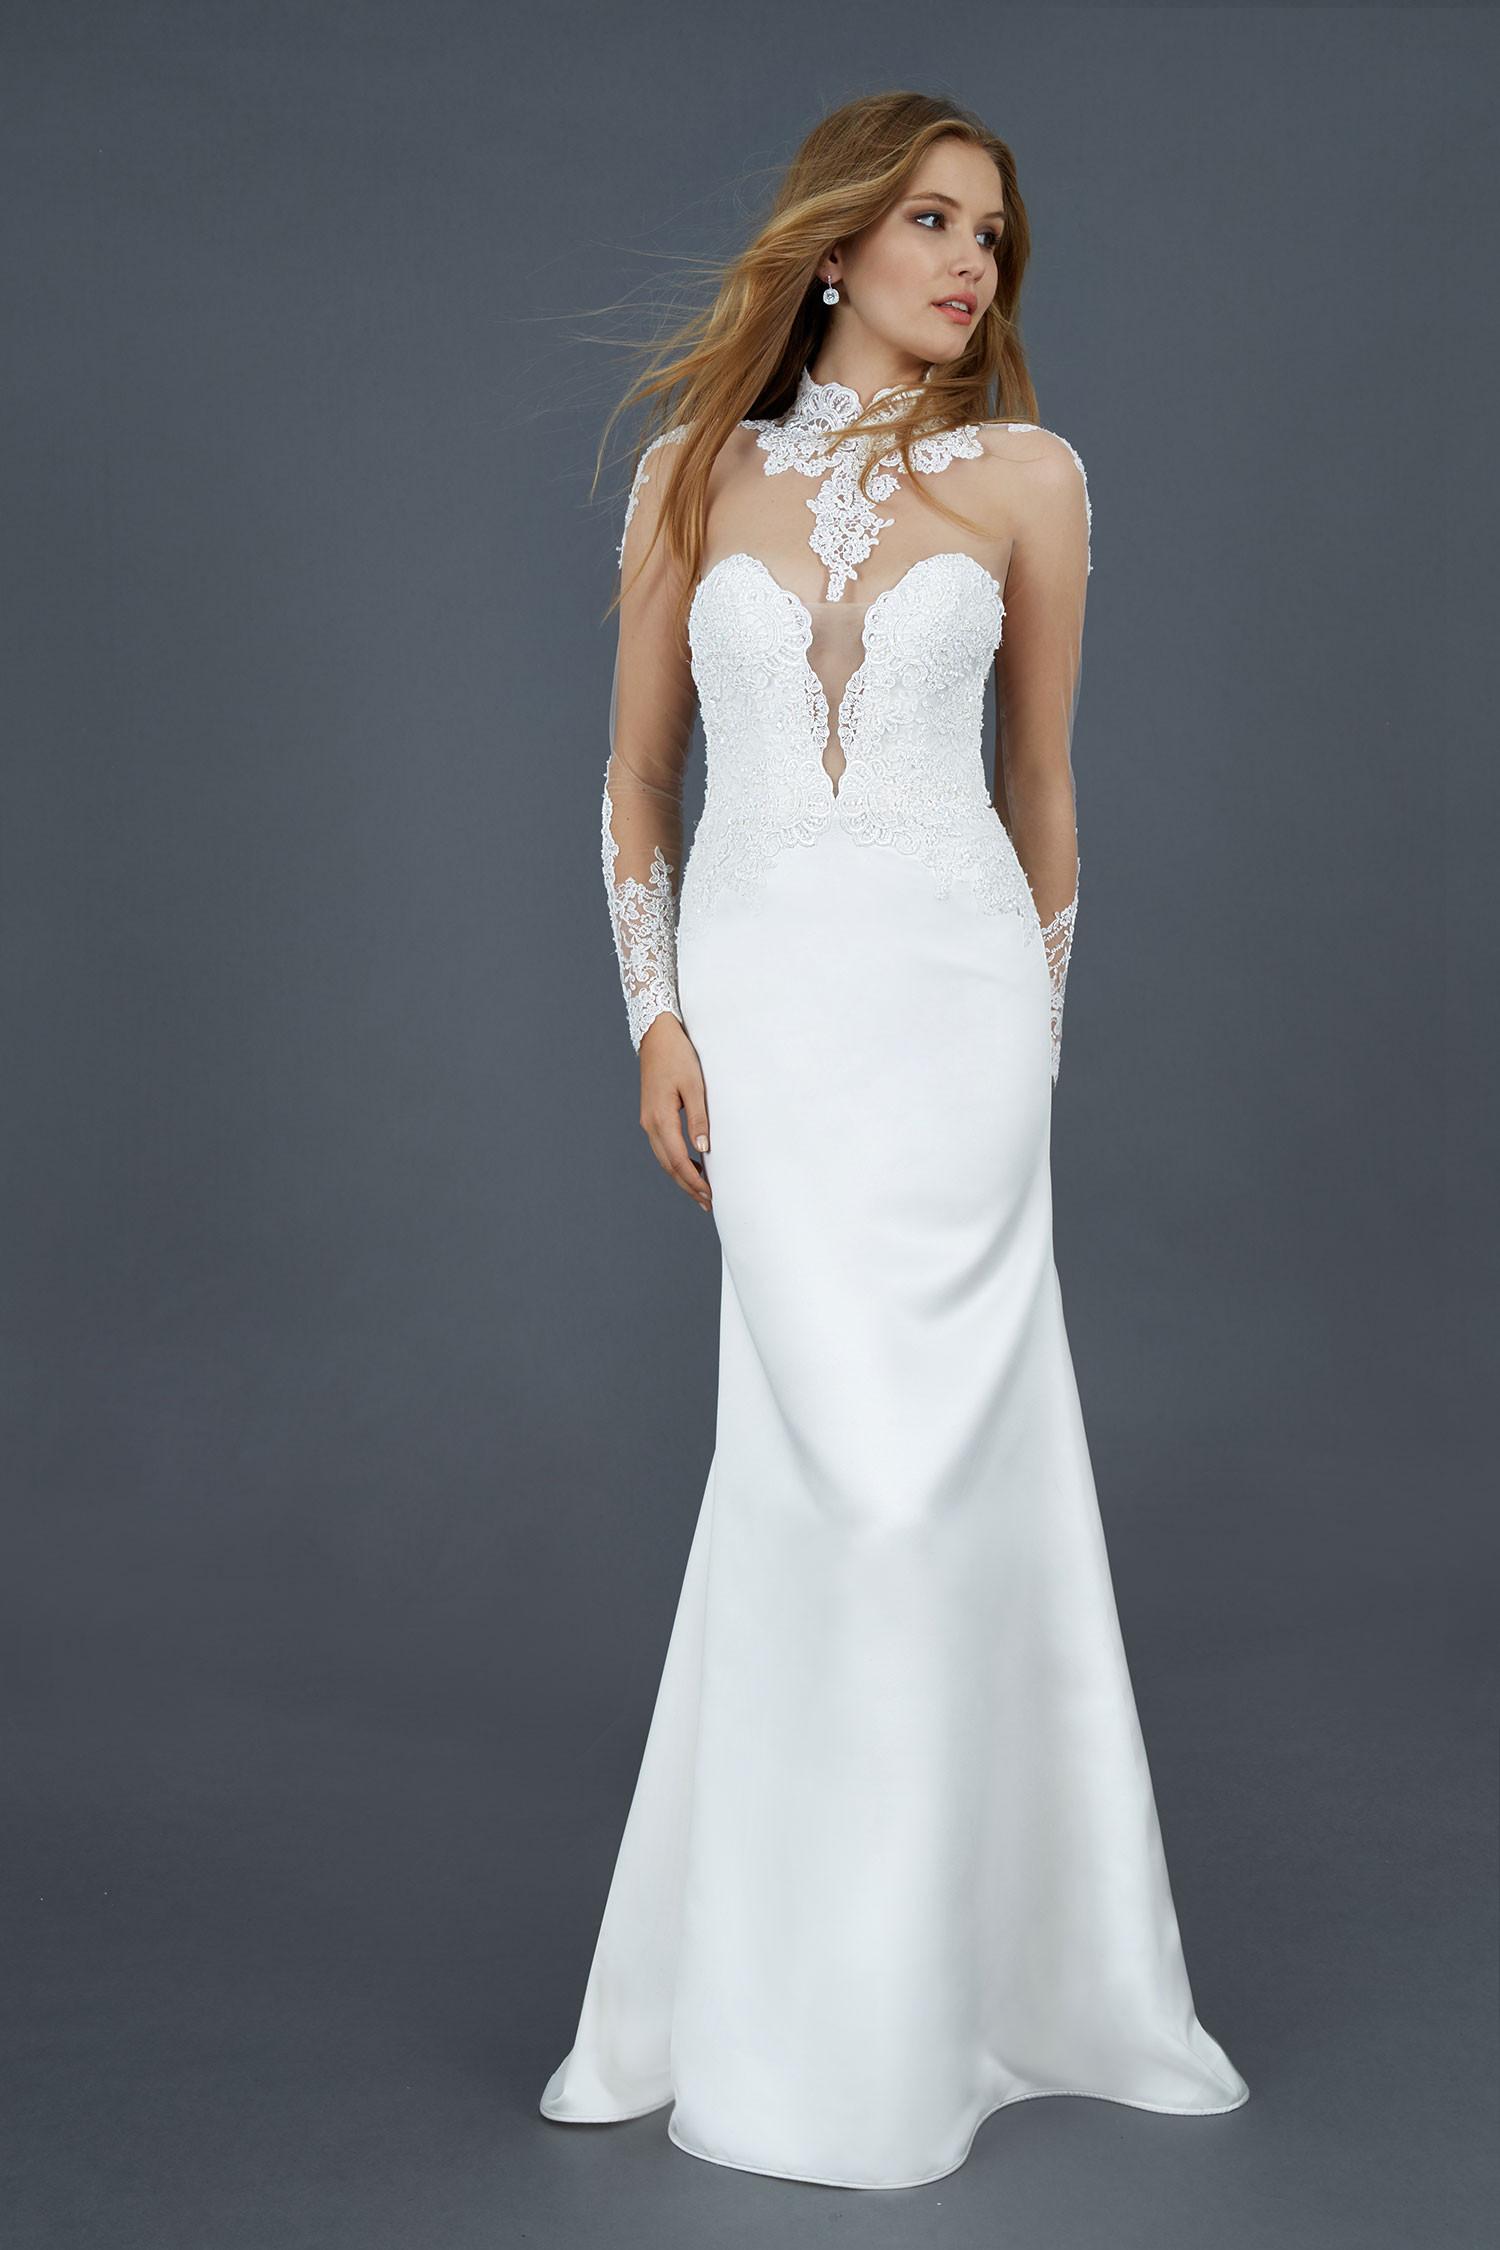 c88c636dc12a Altrettanto sensuale e prezioso l abito da sposa a sirena ...